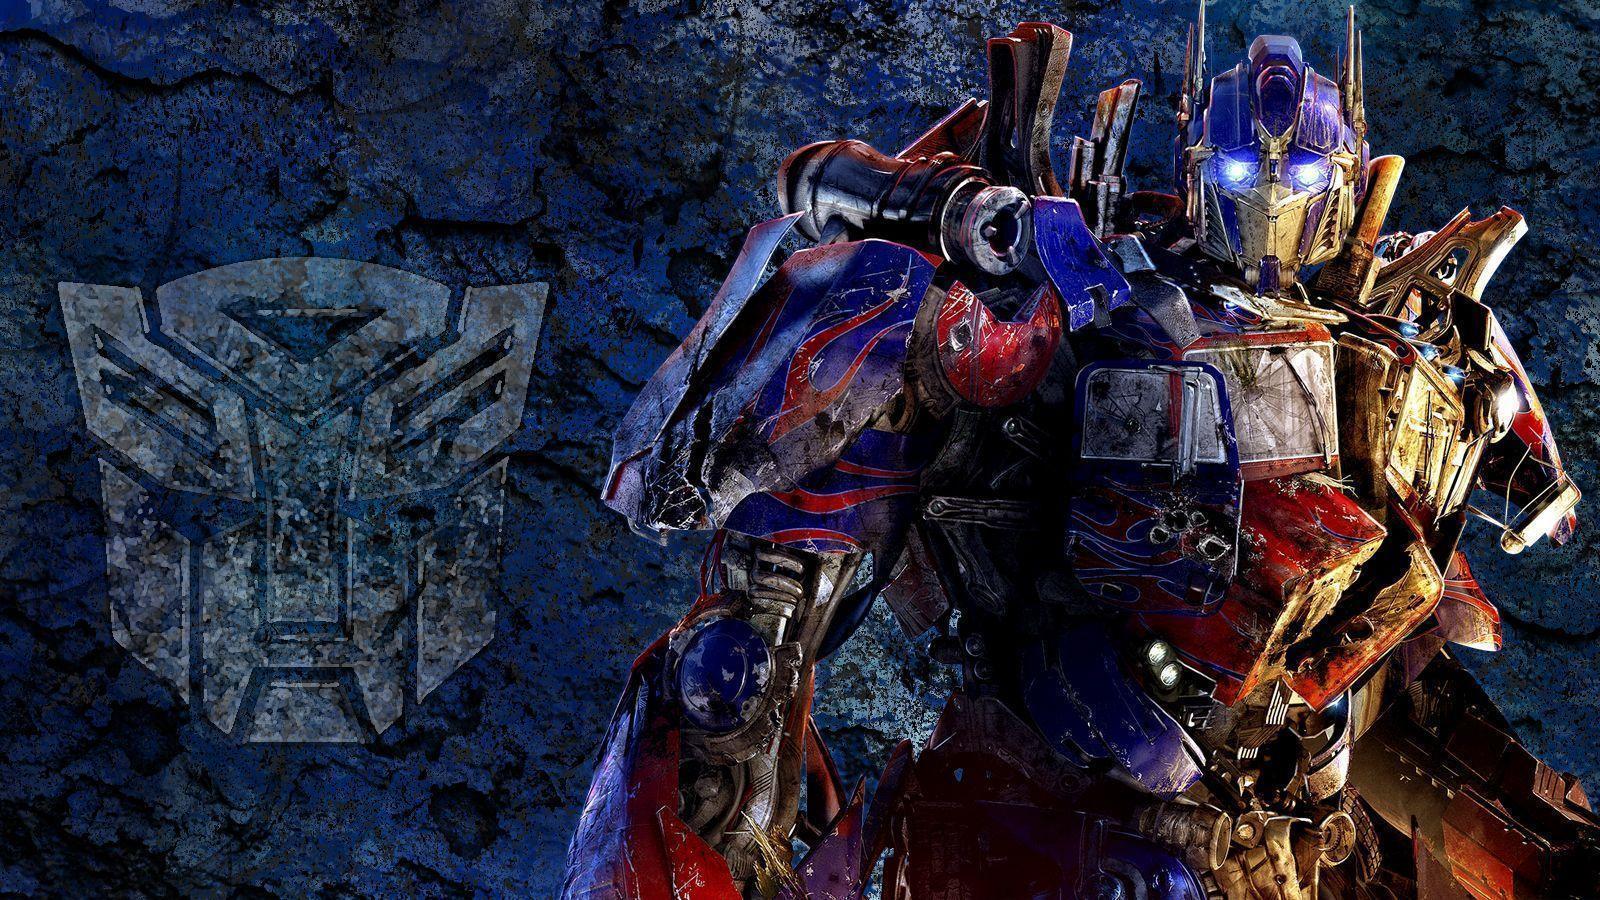 Optimus Prime 2016 Wallpapers - Wallpaper Cave